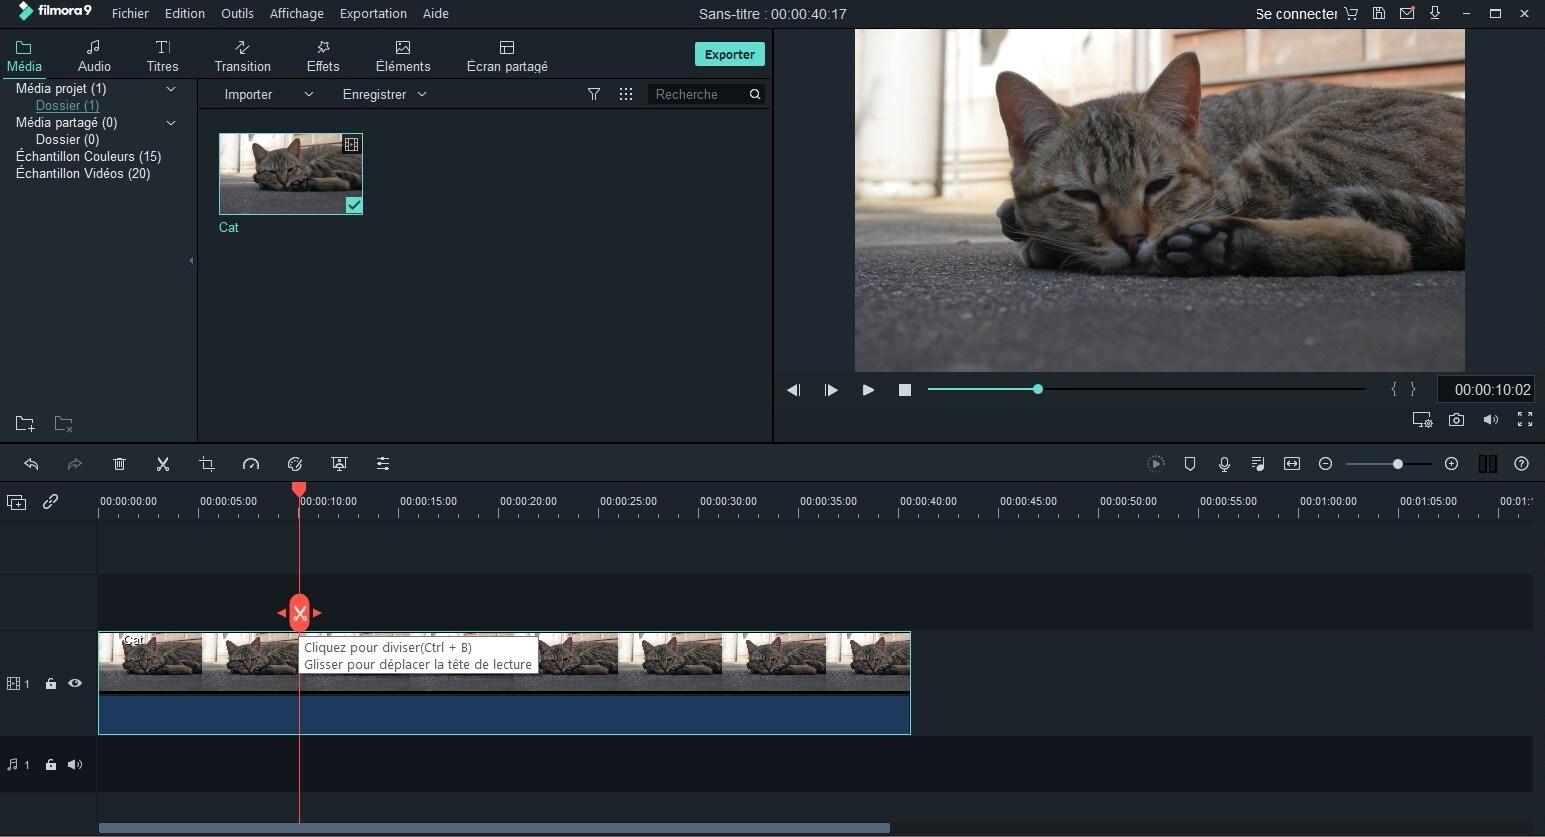 Enregistrement vidéo de la vie quotidienne : Enregistrez et racontez votre histoire en vidéo